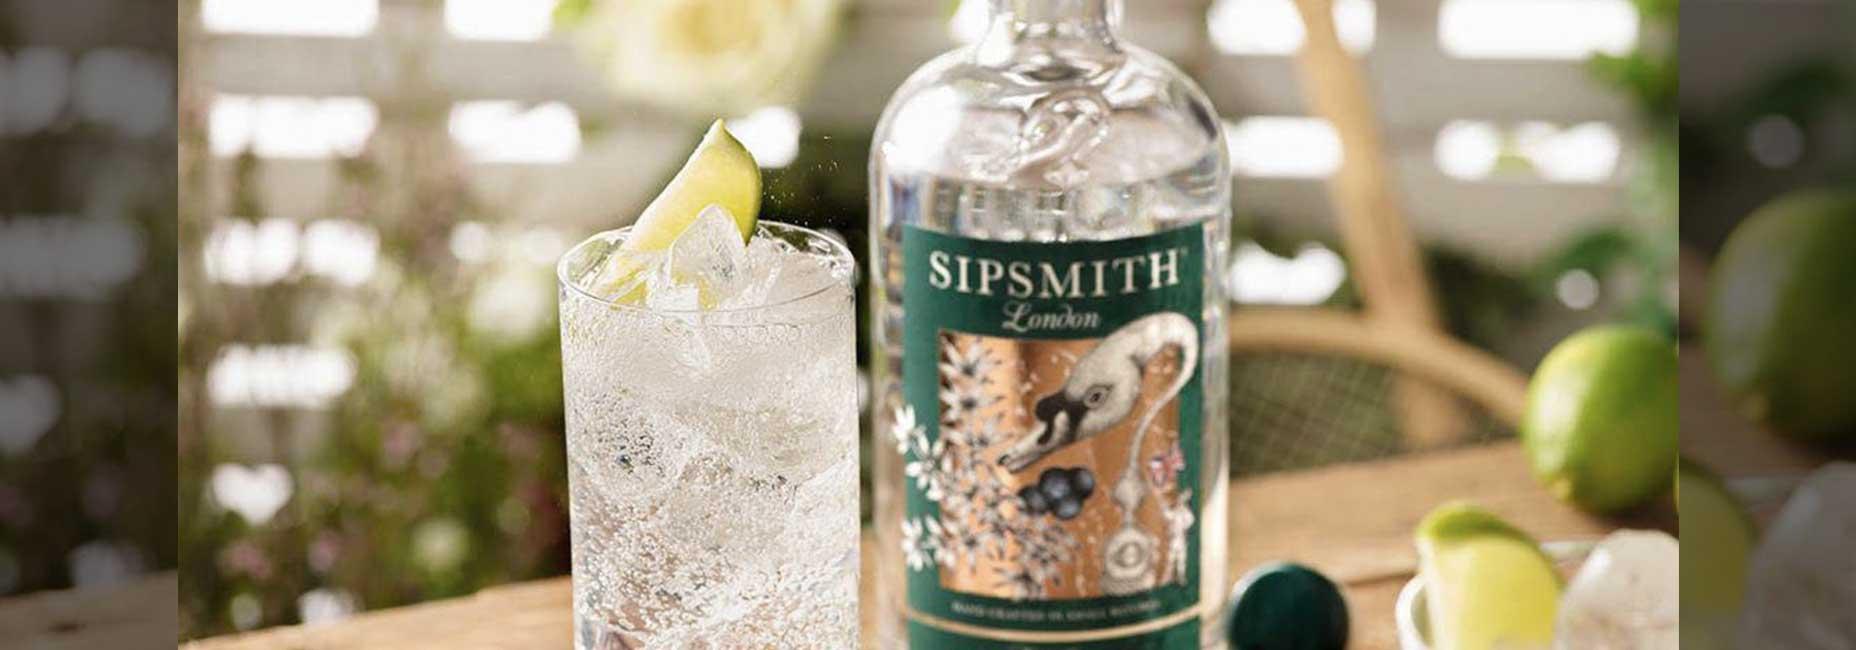 Las mejores ginebras para preparar un buen gin tonic